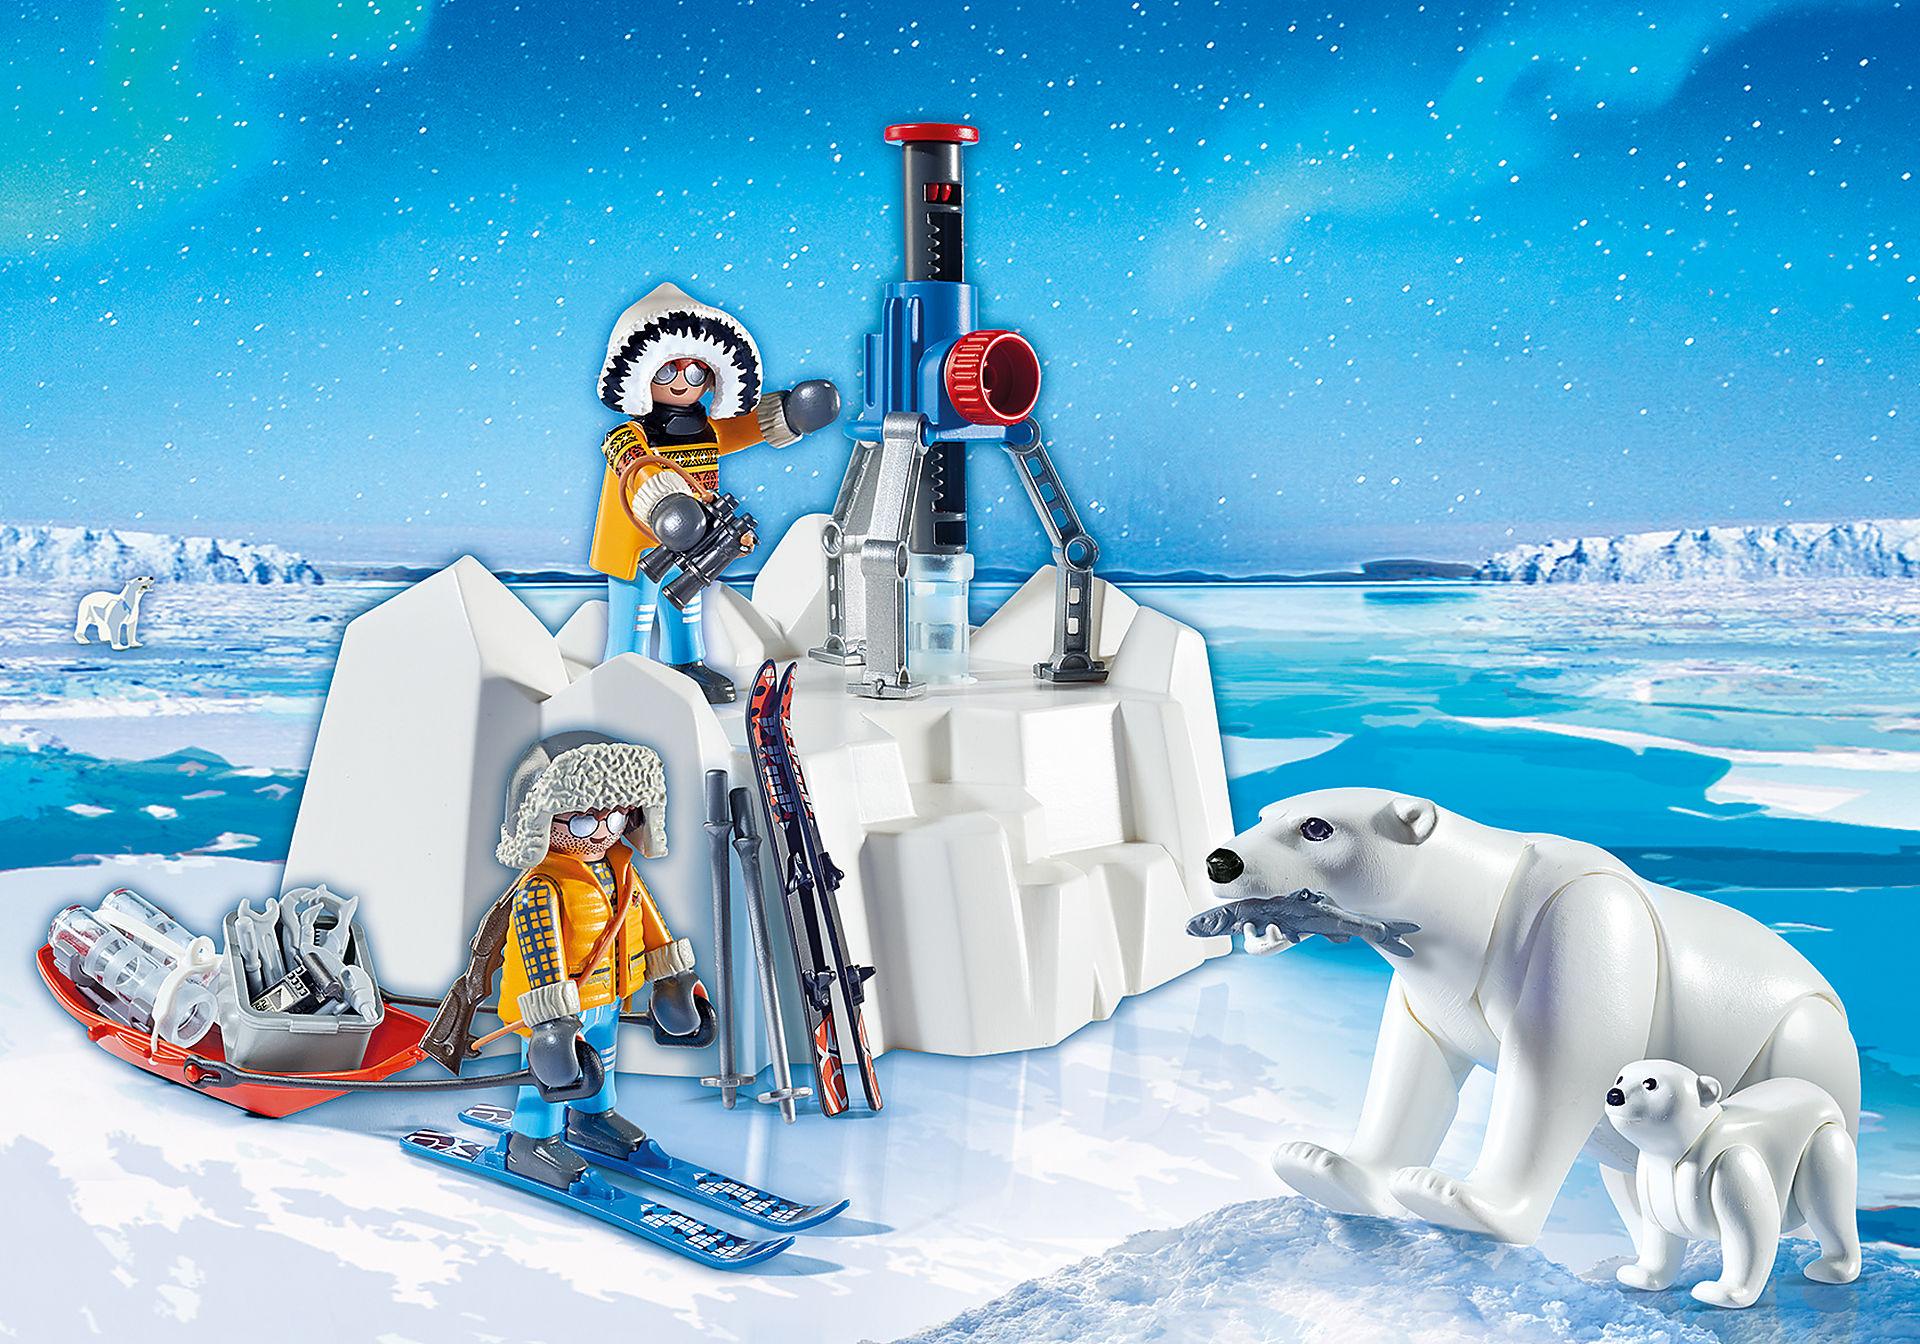 9056 Polar Ranger mit Eisbären zoom image1